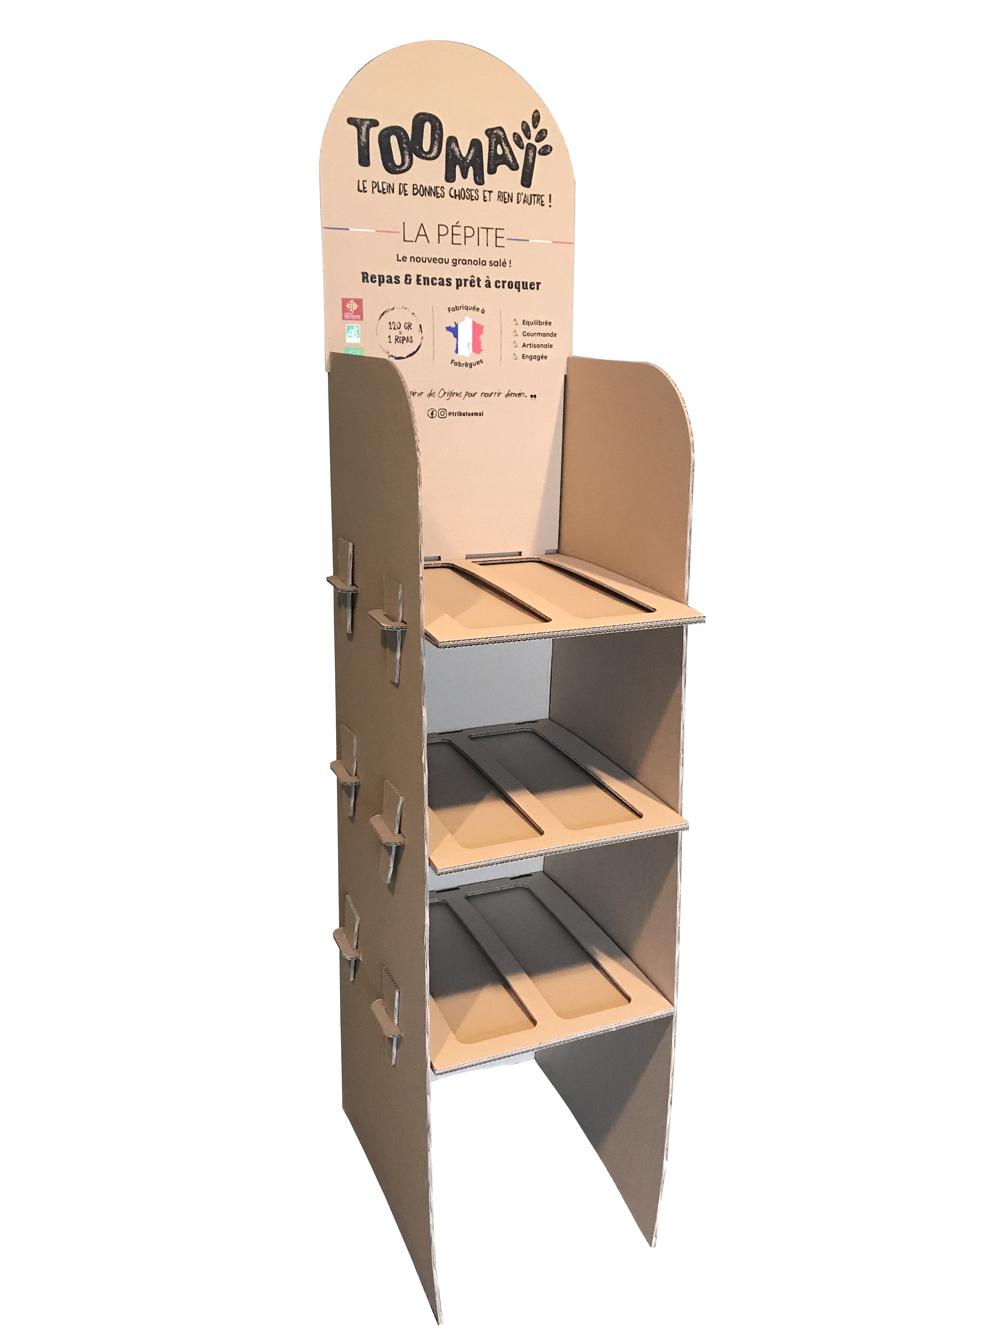 meuble-personnalisé-carton